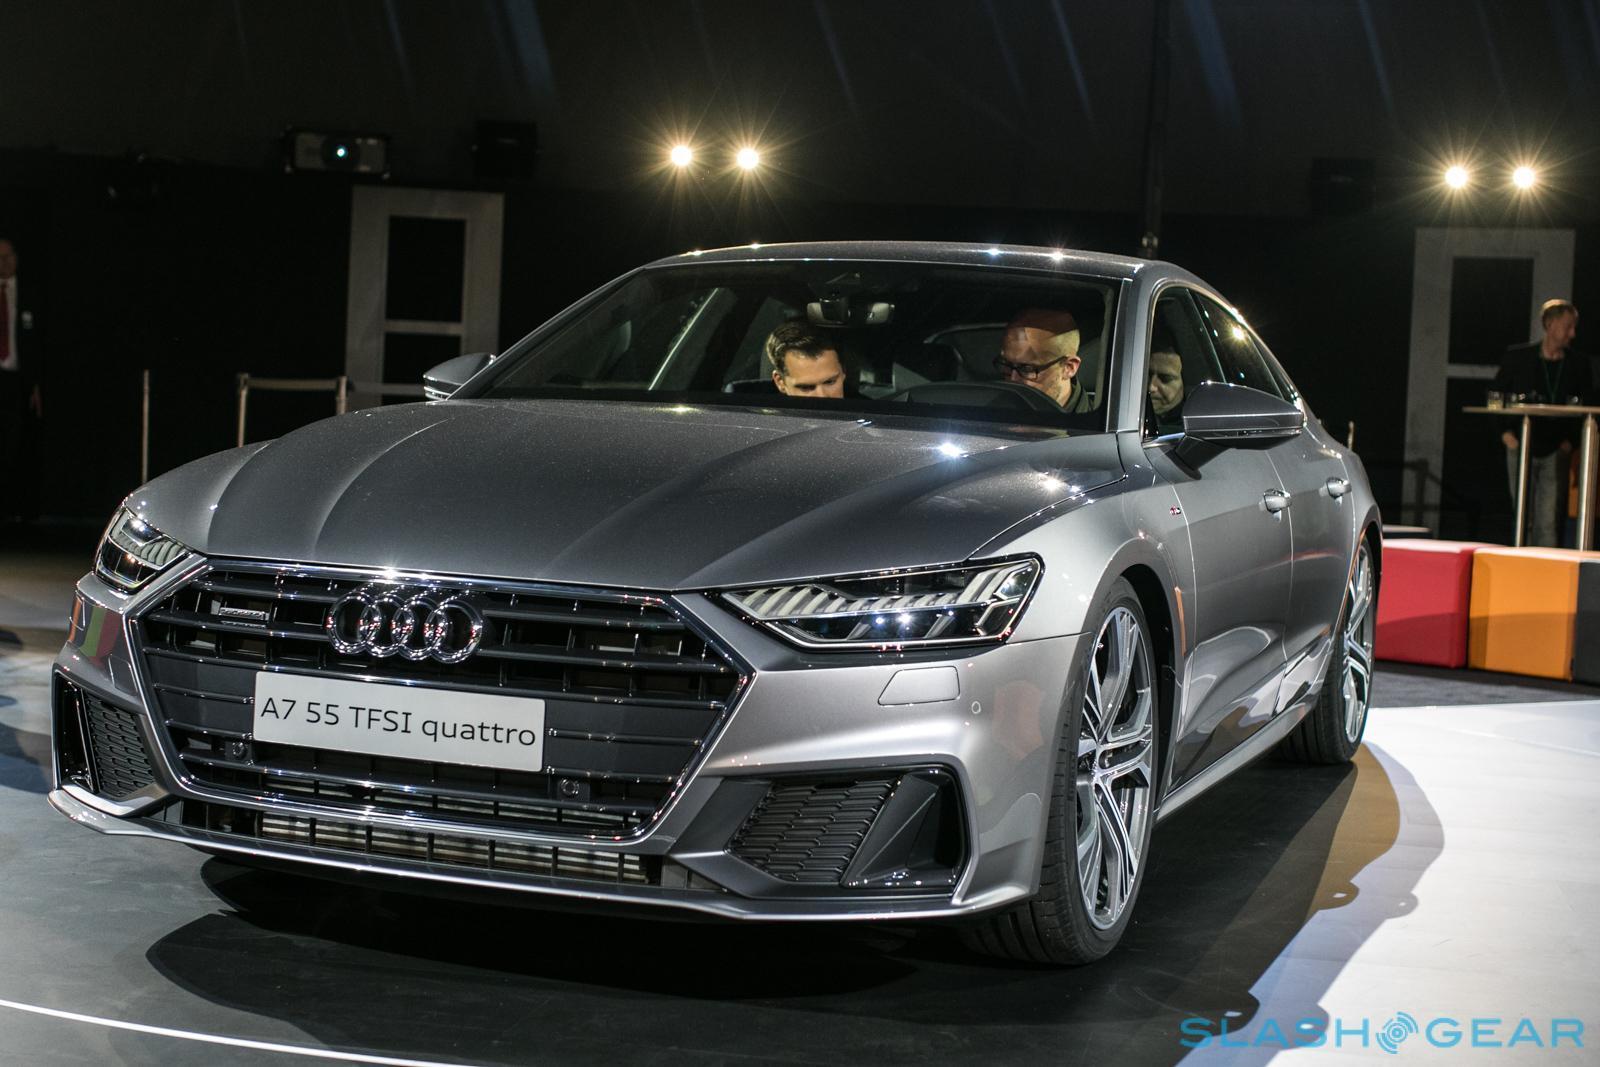 Kelebihan A7 Audi 2019 Spesifikasi